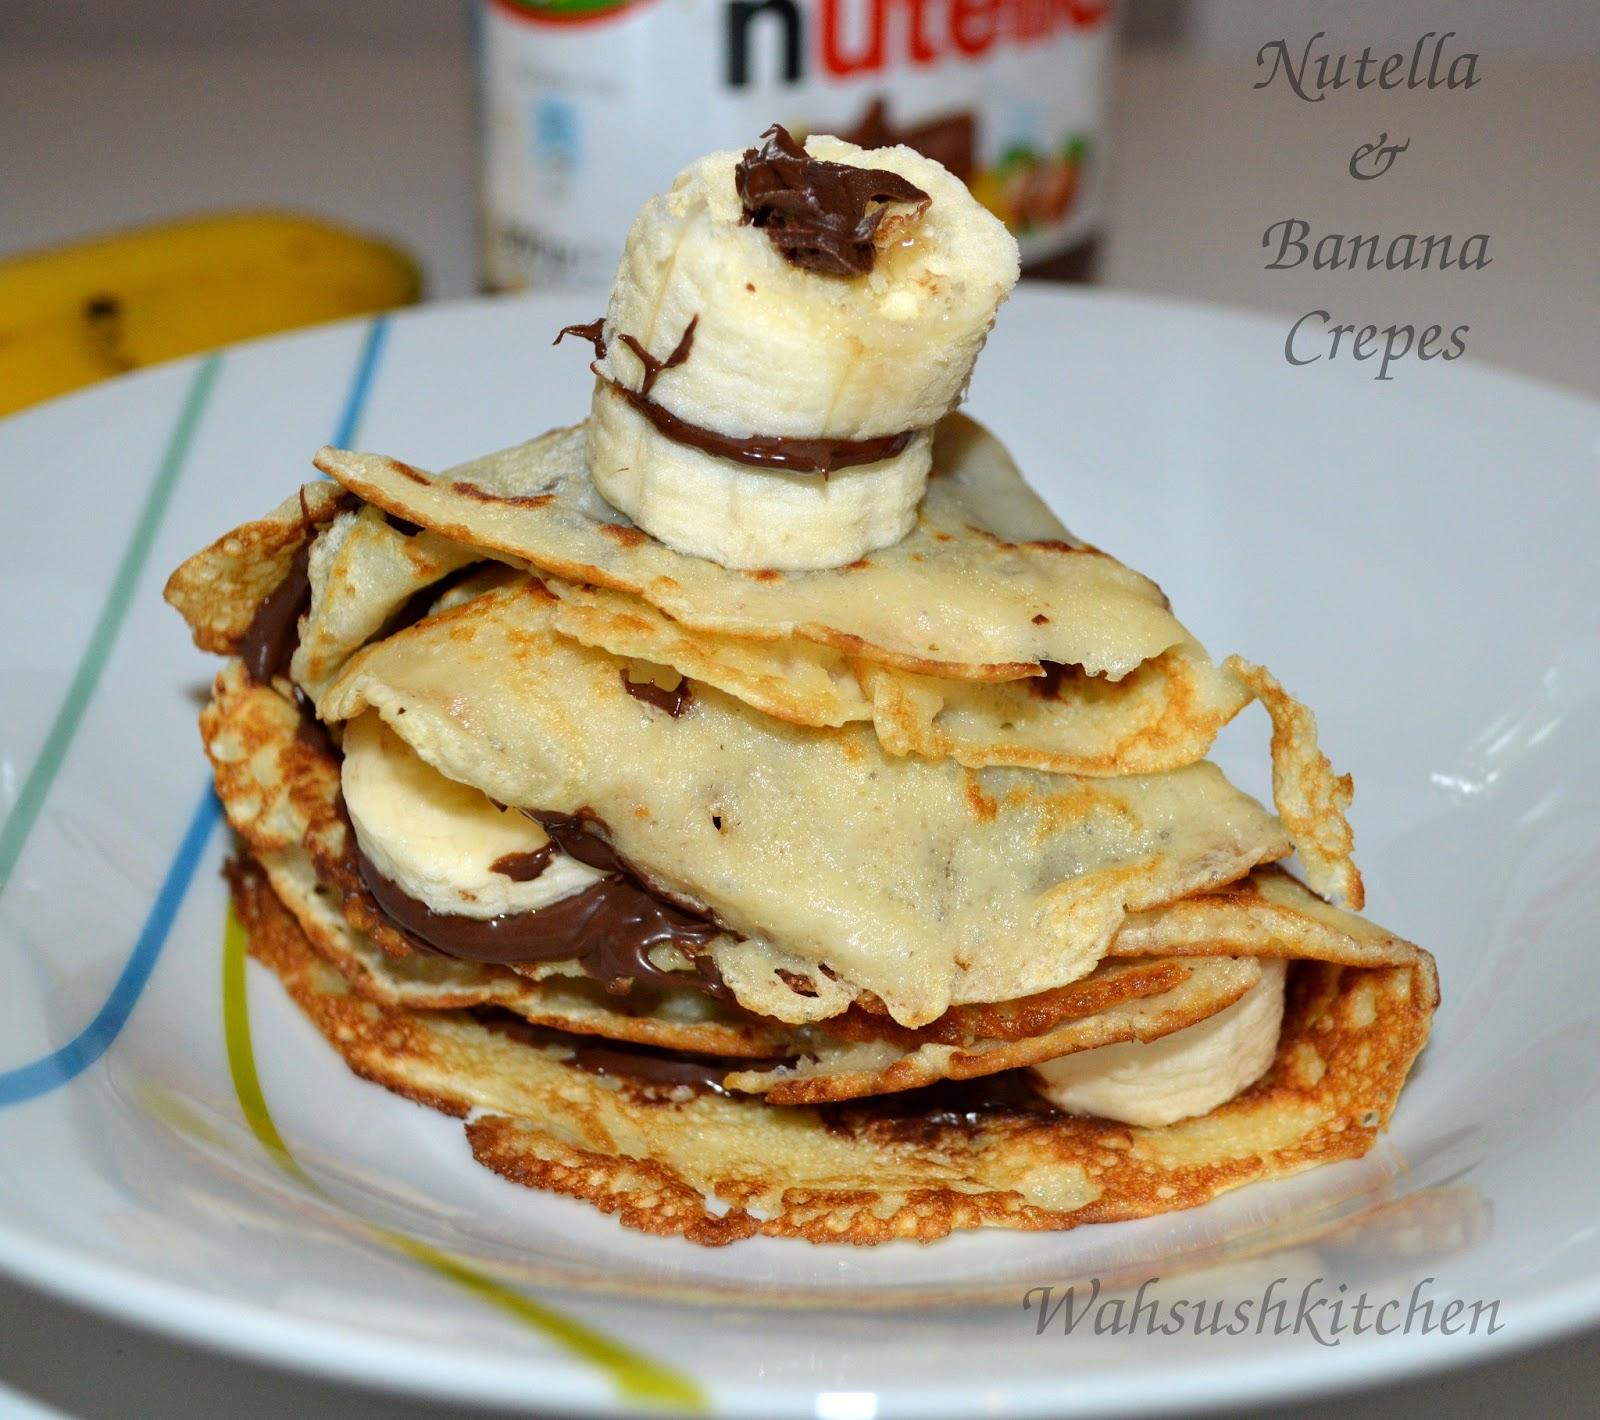 WahSush Kitchen: Nutella and banana crepes